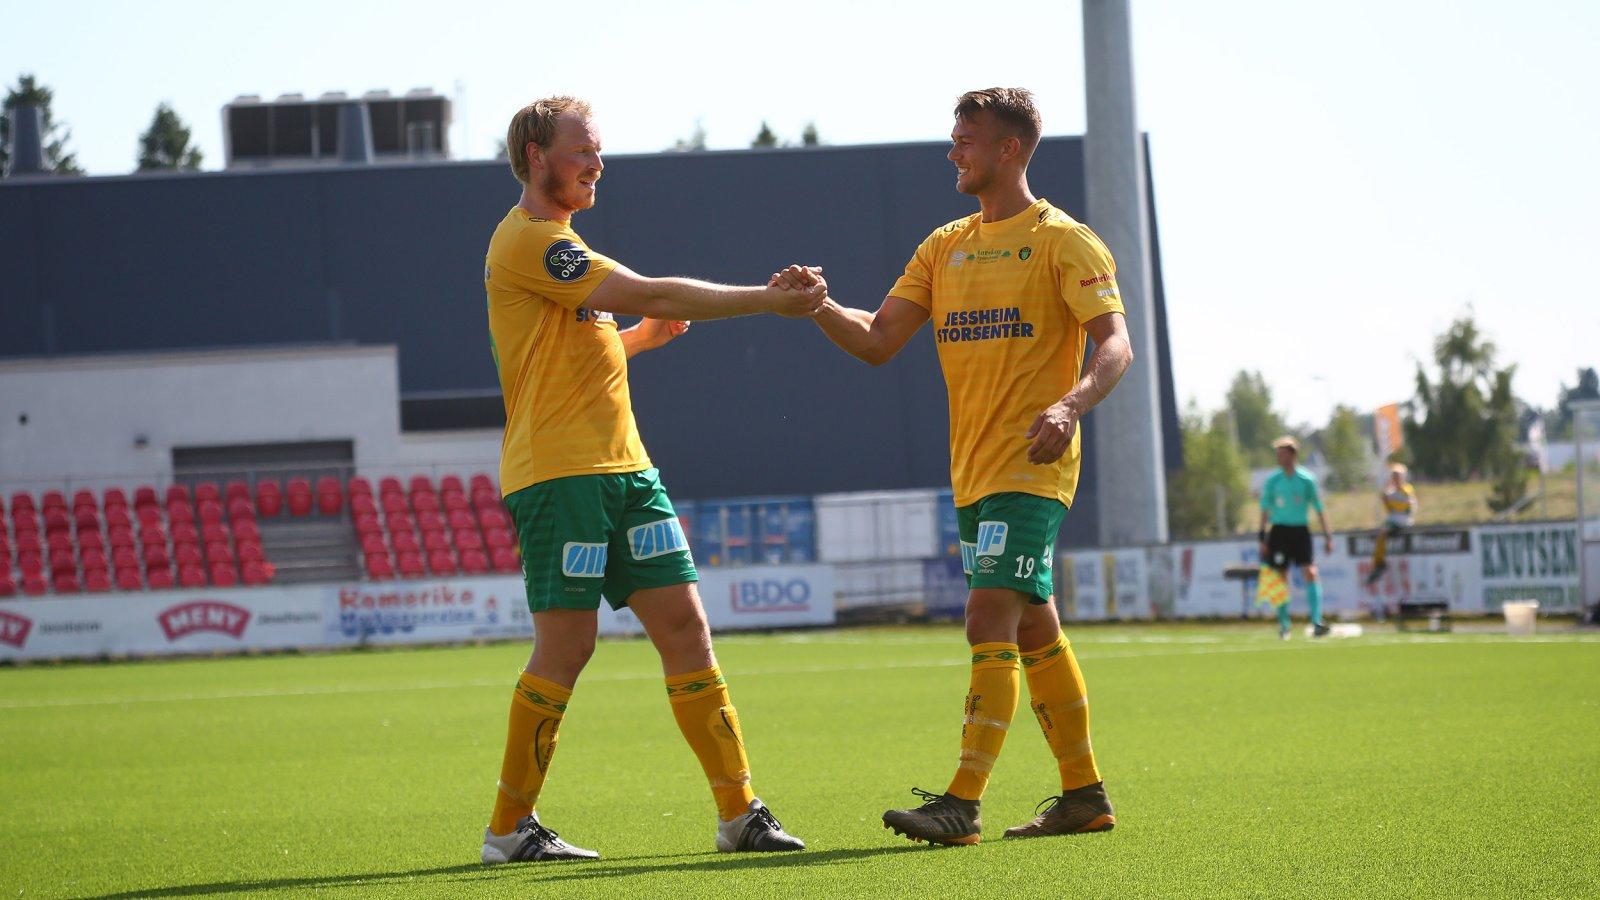 Sverre Martin Torp gratulerer Kristoffer Normann Hansen med scoring. FOTO: Bjørn Hytjanstorp